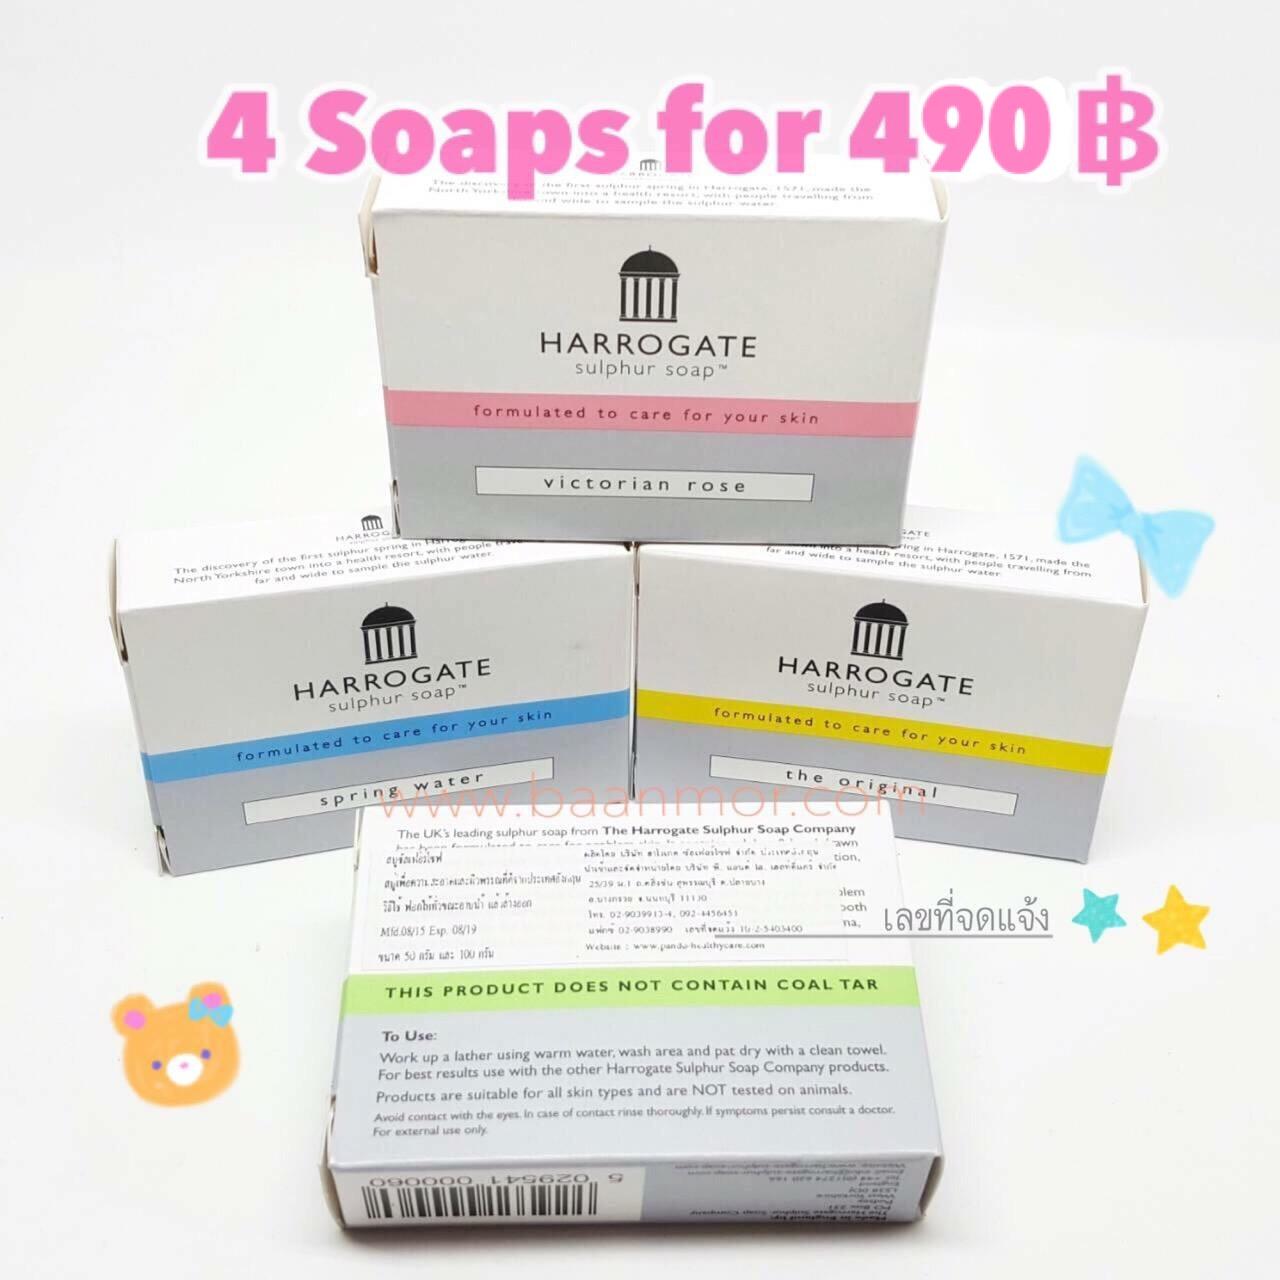 ⭐️ Harrogate Soap Big Value Set ⭐️ Super save 4 for 490฿! ⭐️